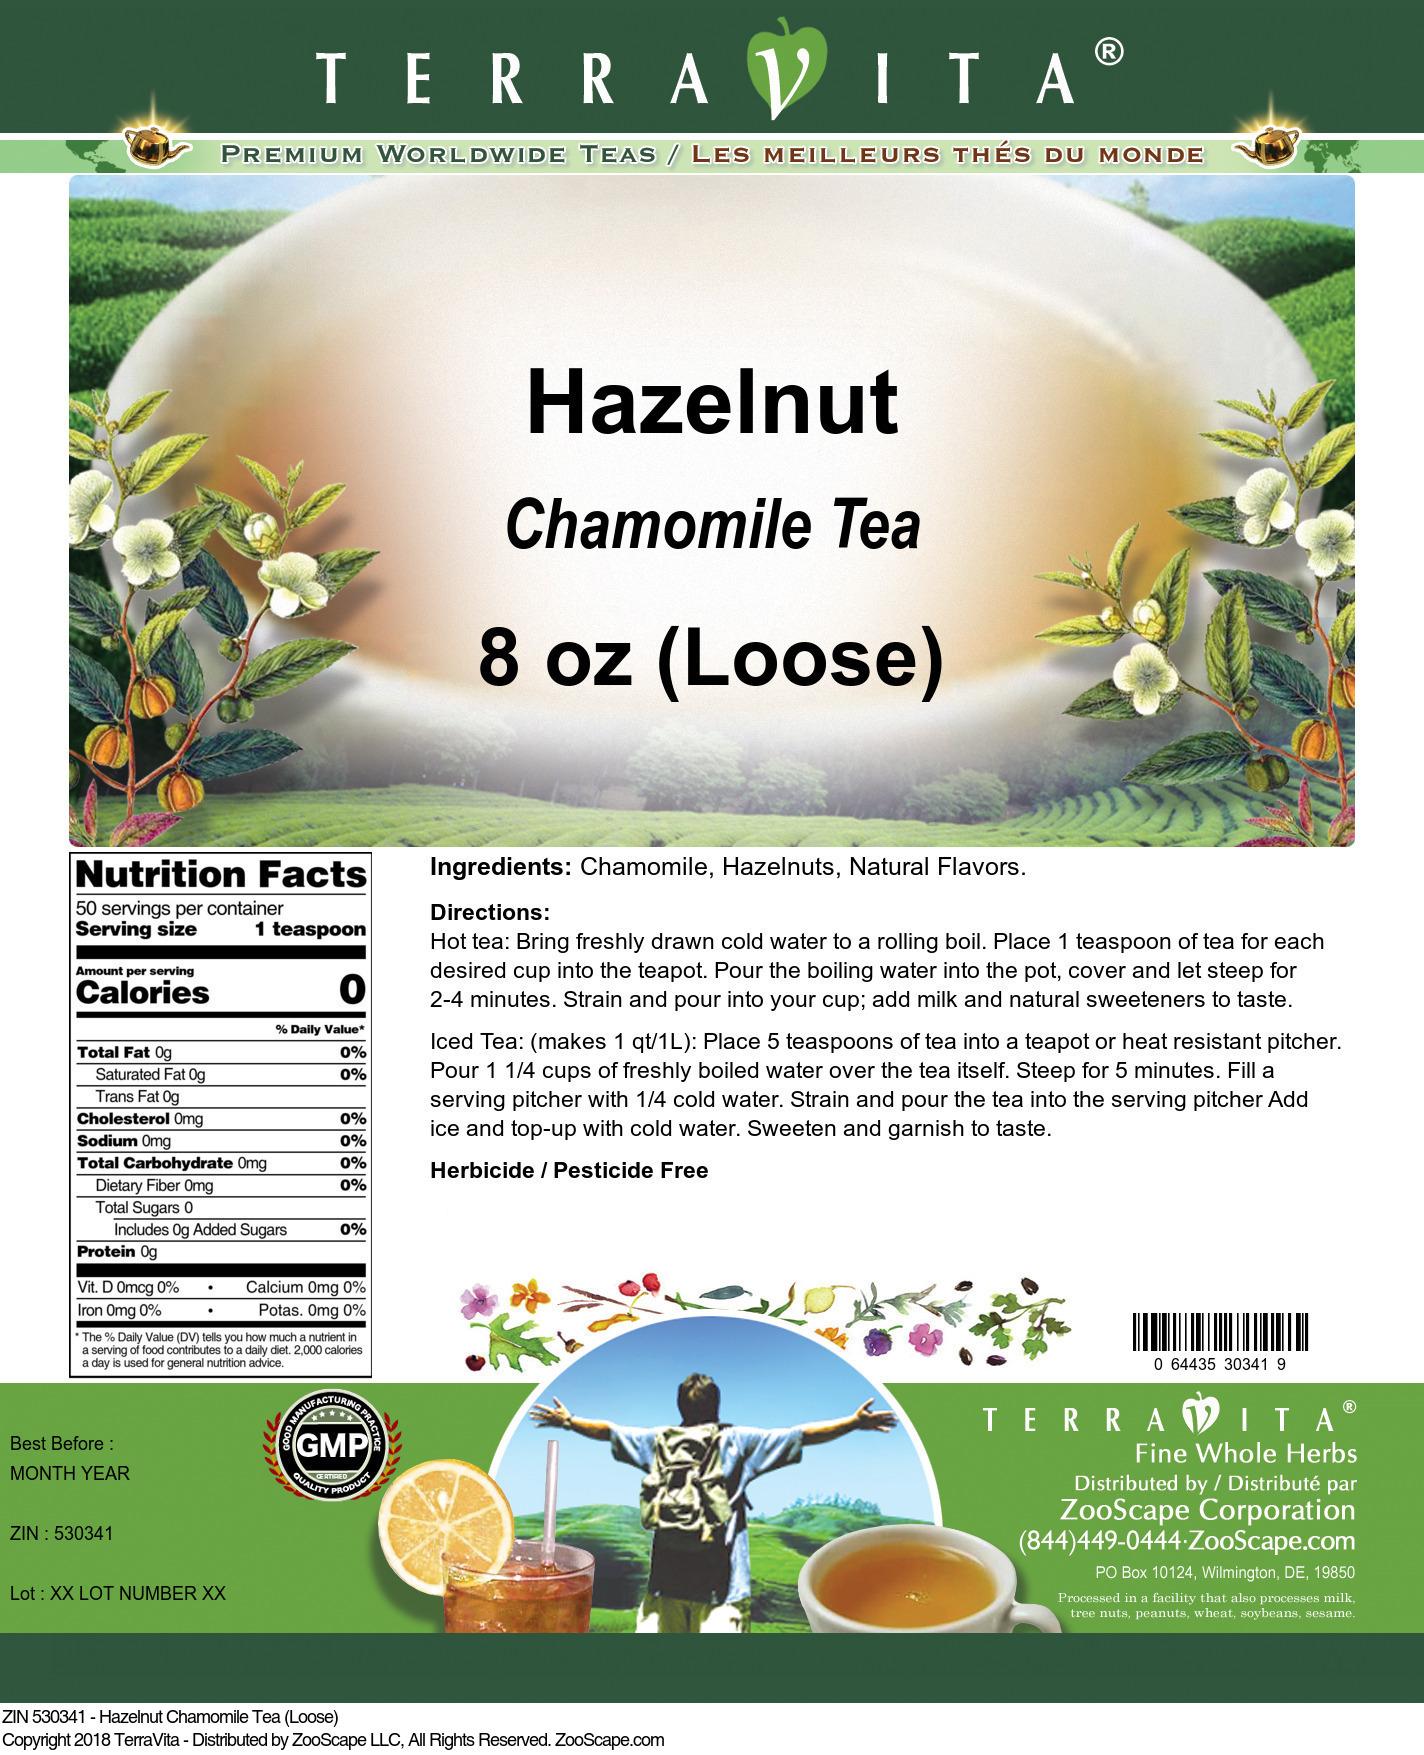 Hazelnut Chamomile Tea (Loose)